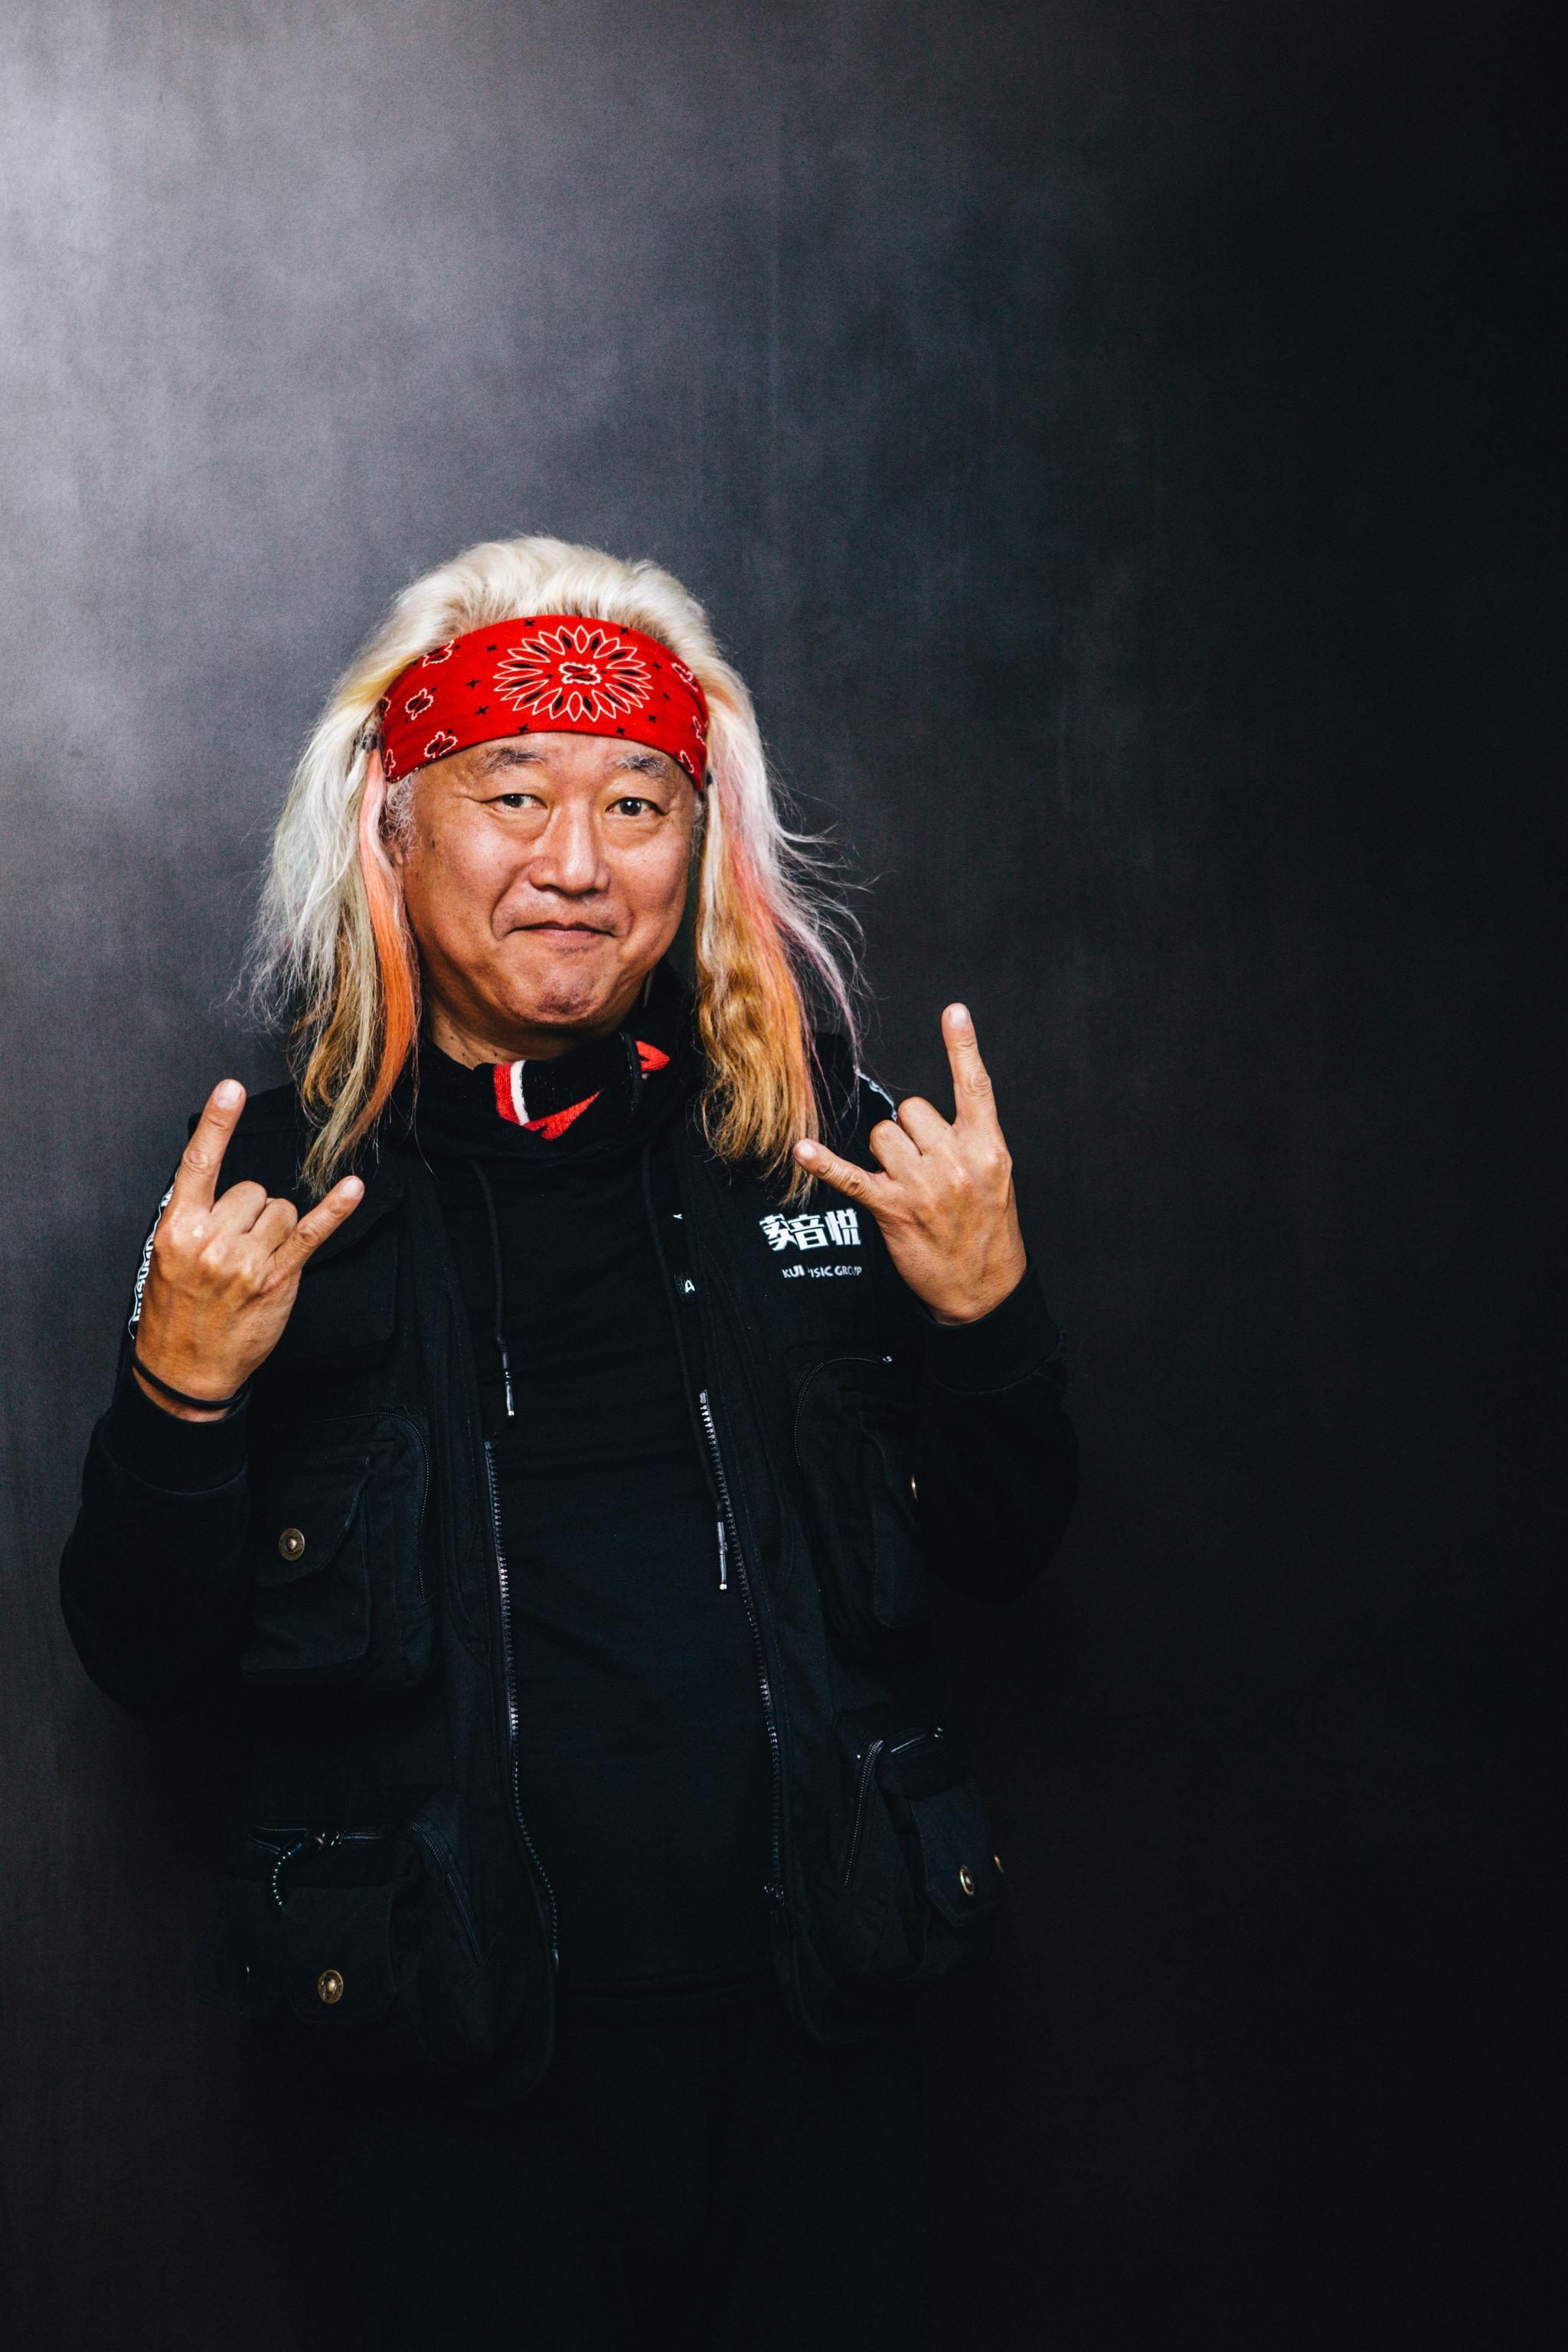 这个日本老头不一般,感谢中国摇滚救了自己图片